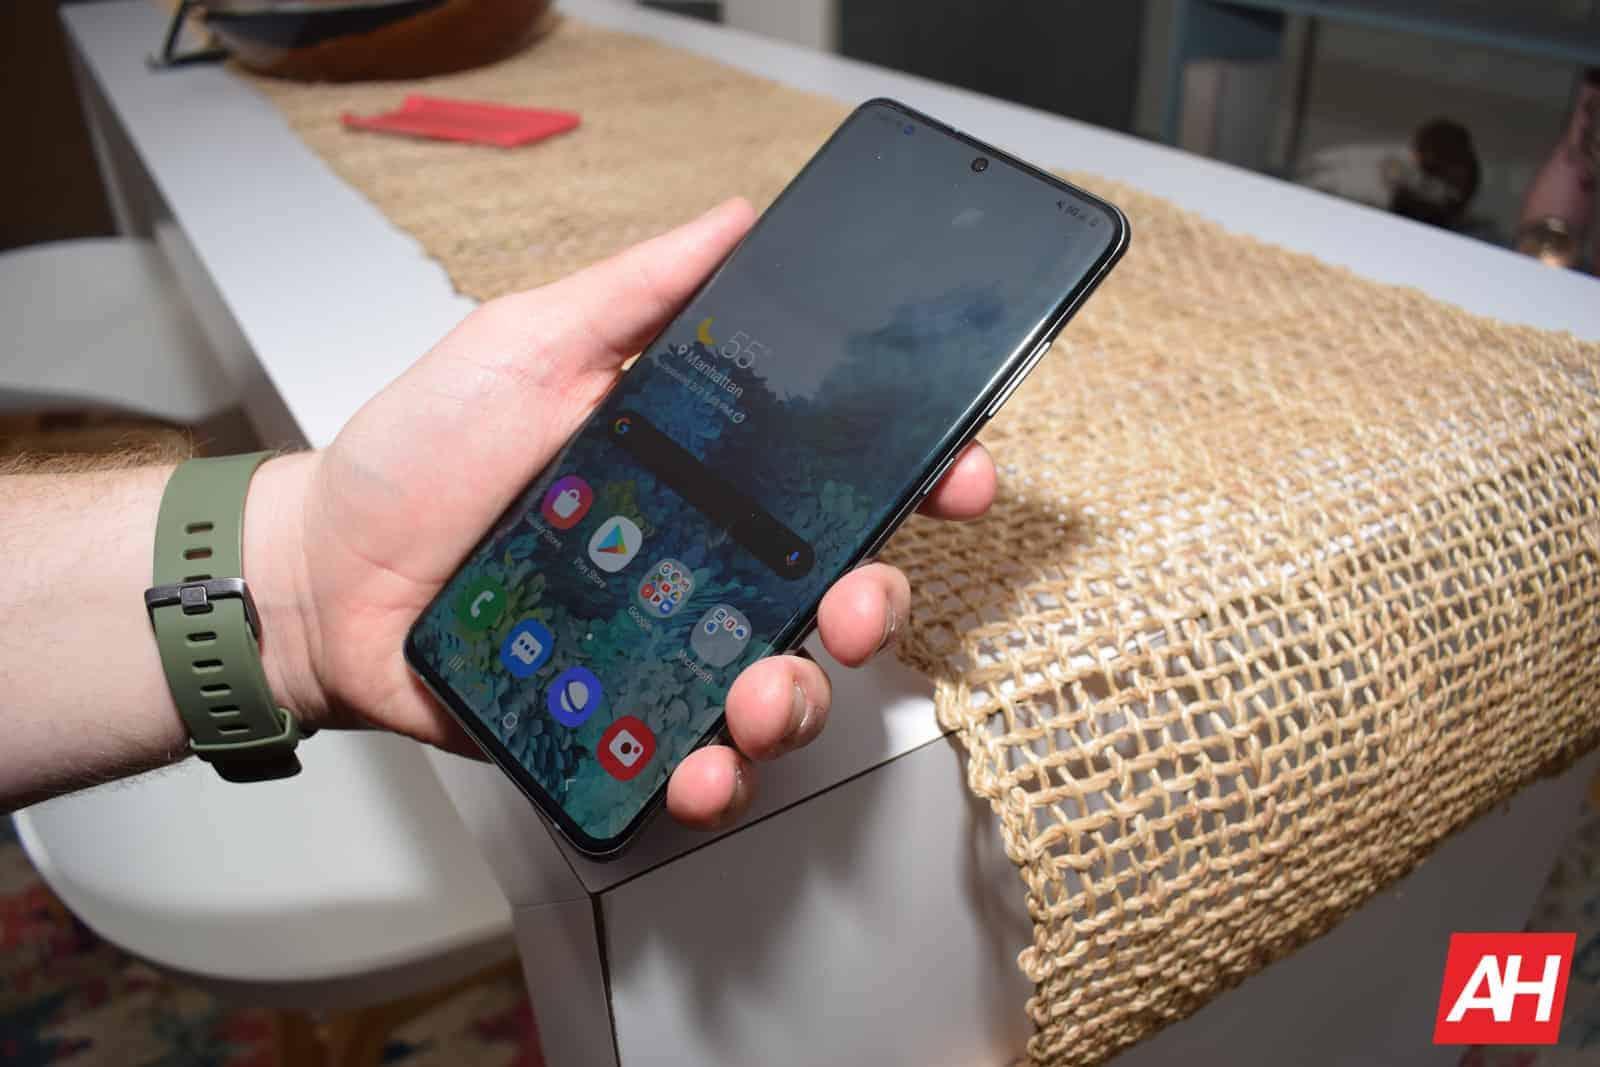 Samsung Galaxy S20 ultra AM AH 4